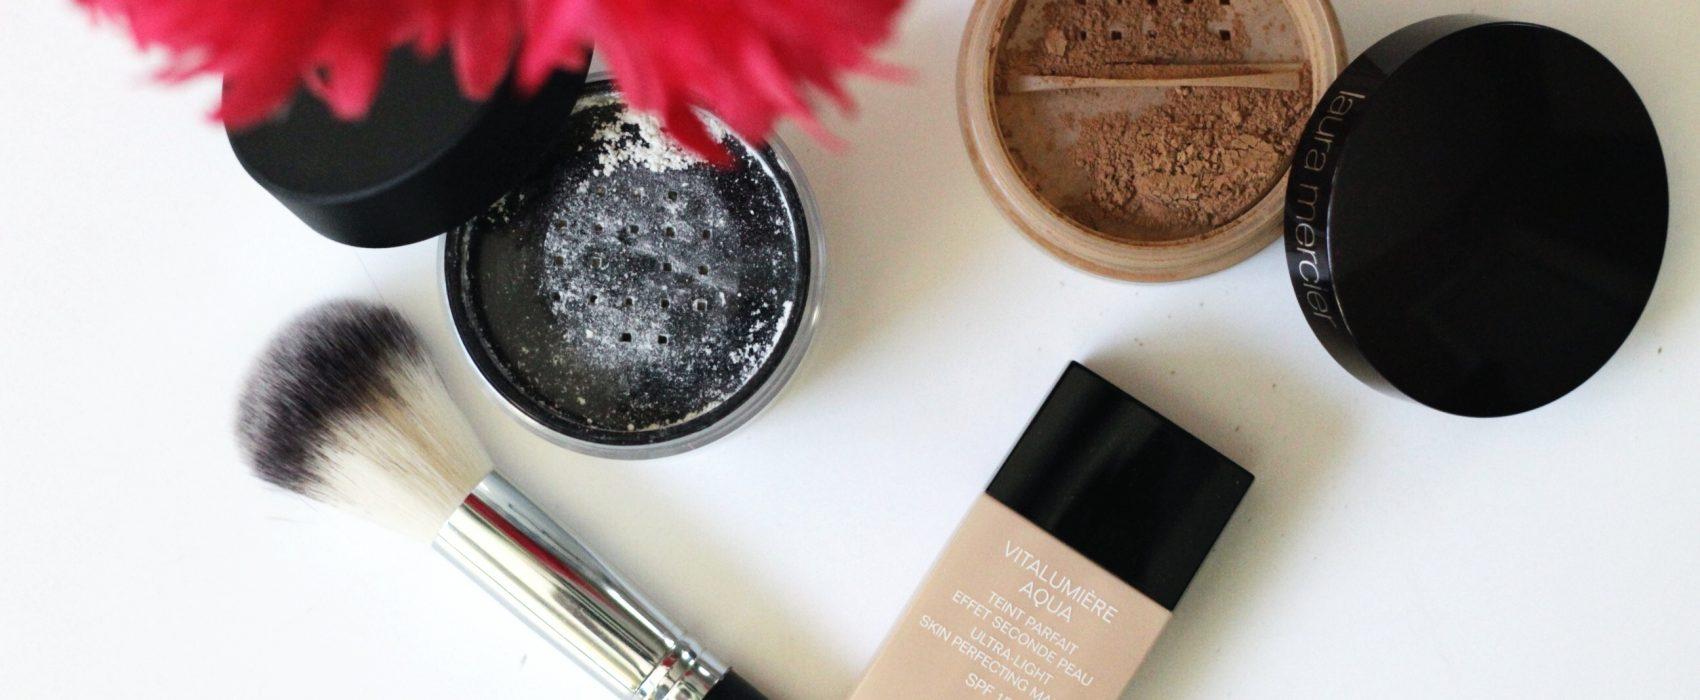 MakeupLifeLove-Best-Foundation-Tip-Wayne-Goss-Makeup-Tip